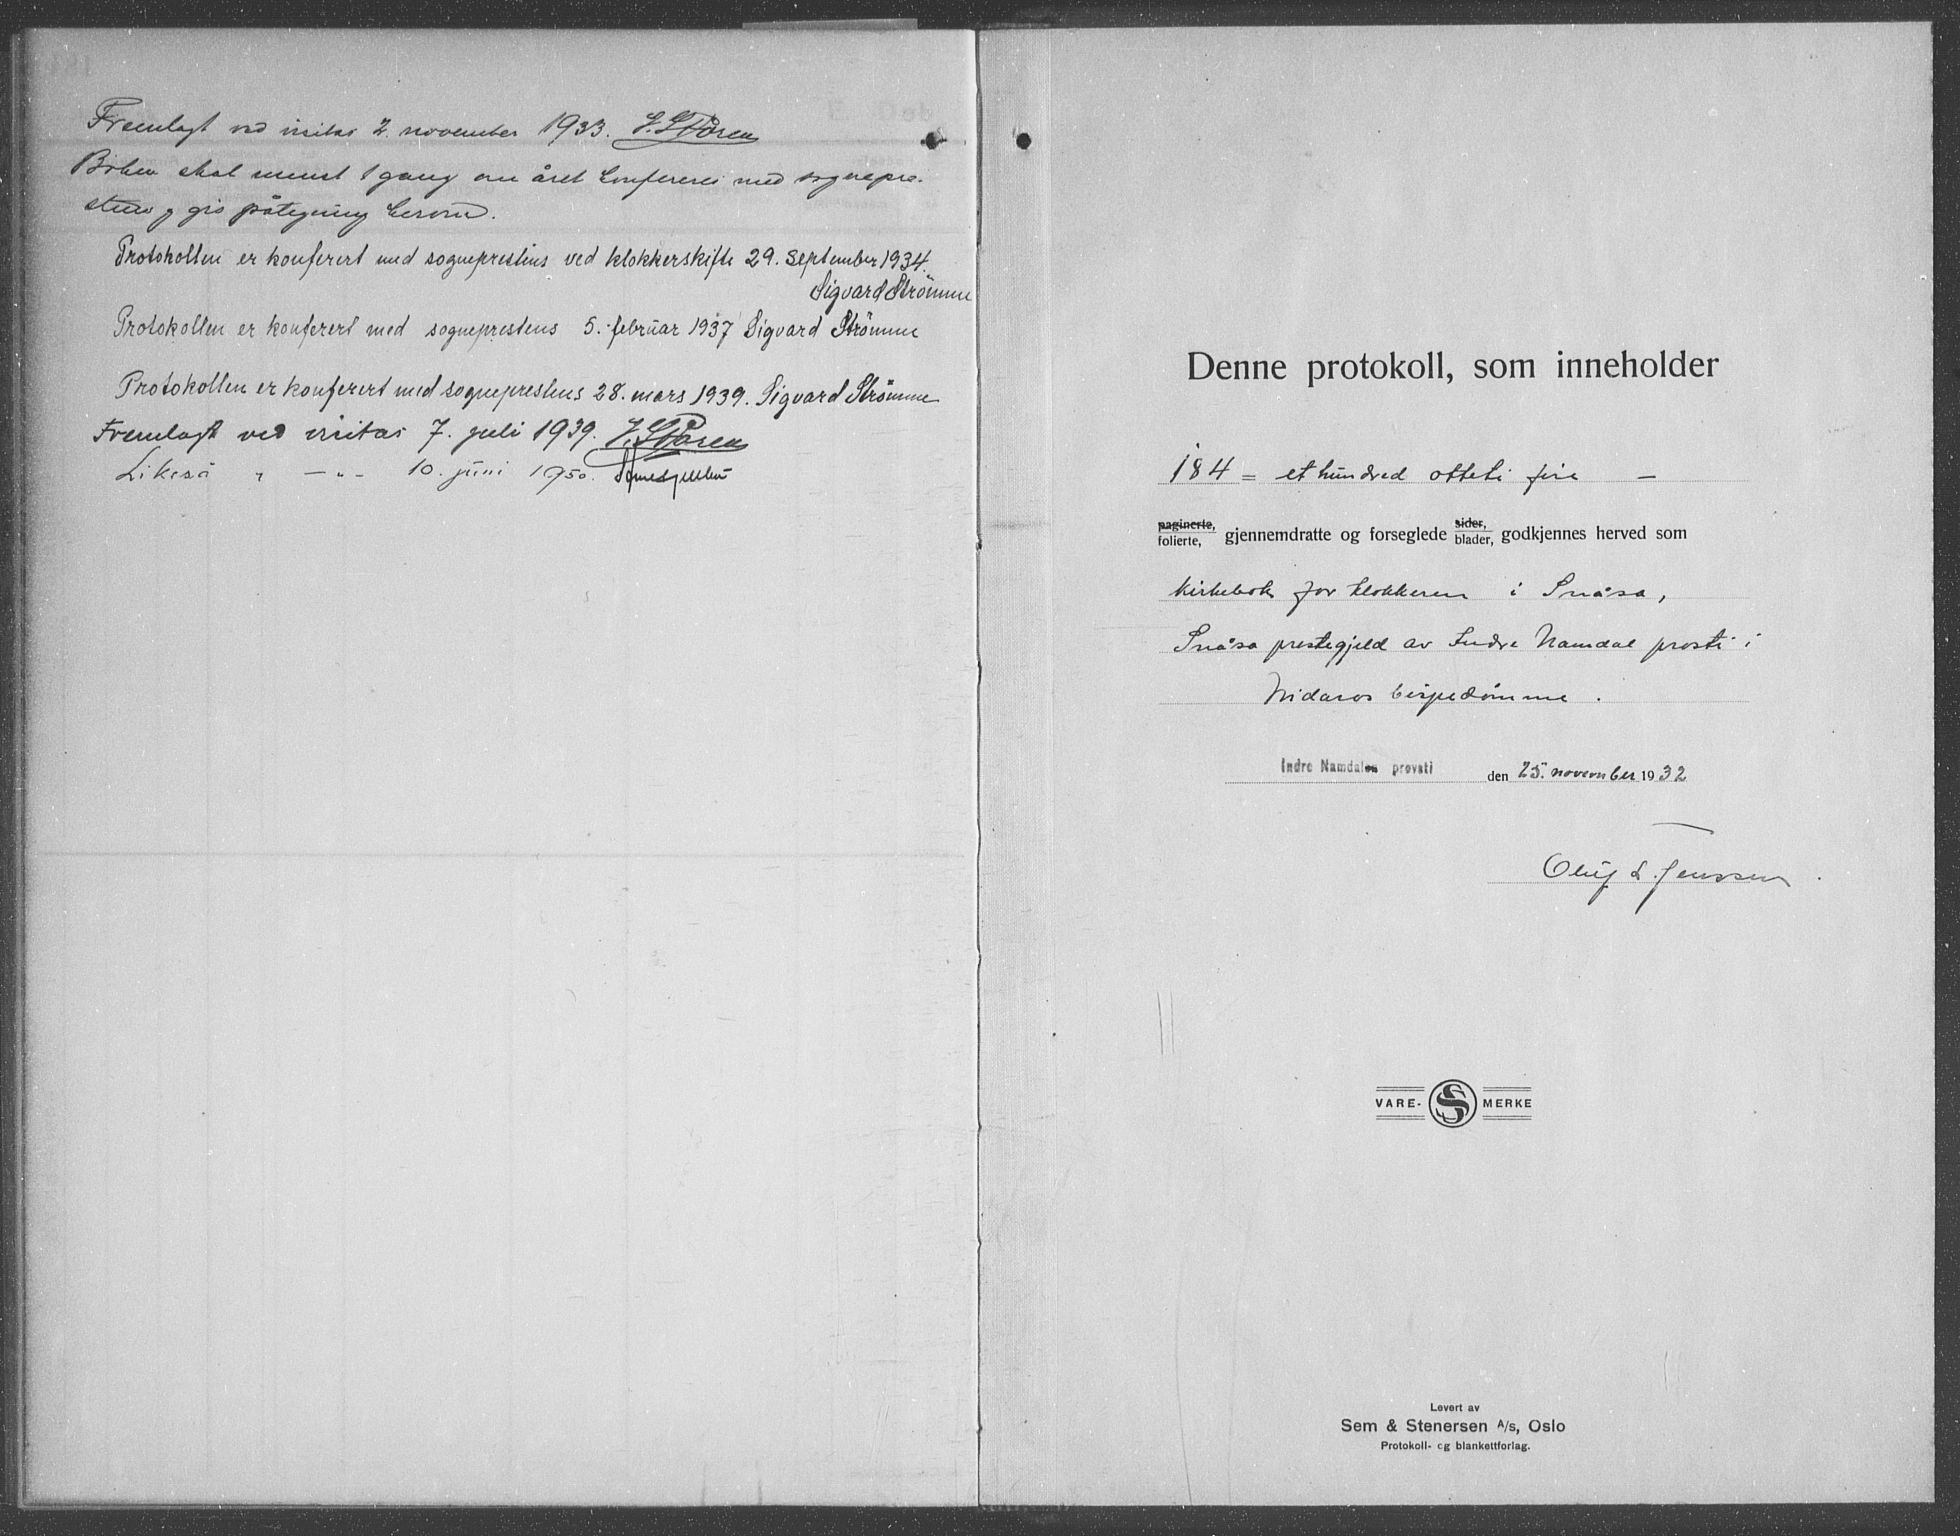 SAT, Ministerialprotokoller, klokkerbøker og fødselsregistre - Nord-Trøndelag, 749/L0481: Klokkerbok nr. 749C03, 1933-1945, s. 185